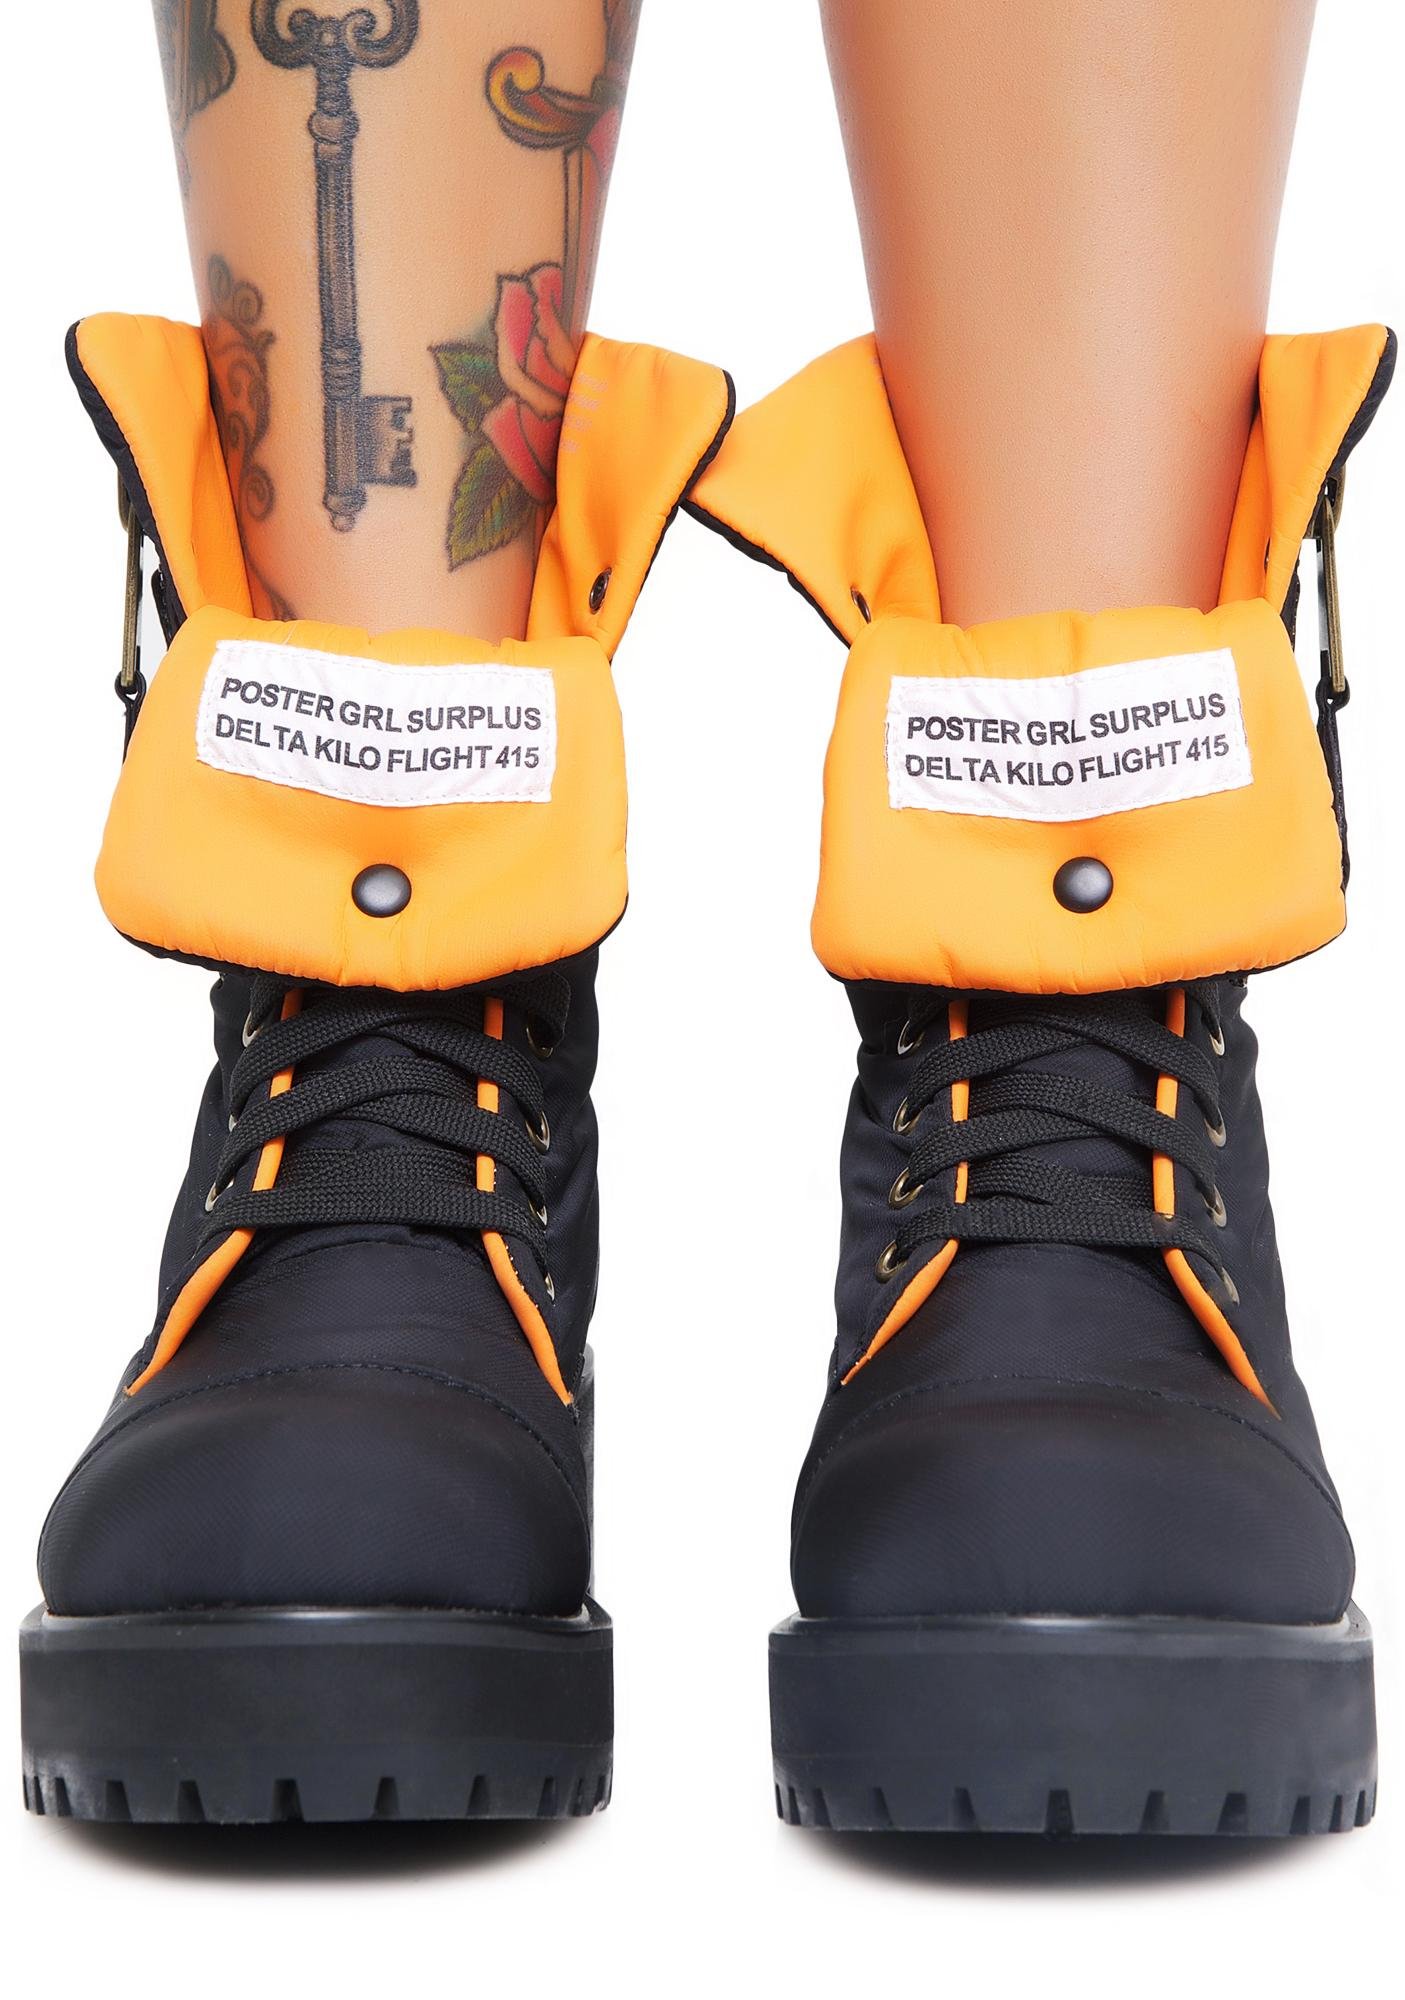 Poster Grl Combat Flight Boots